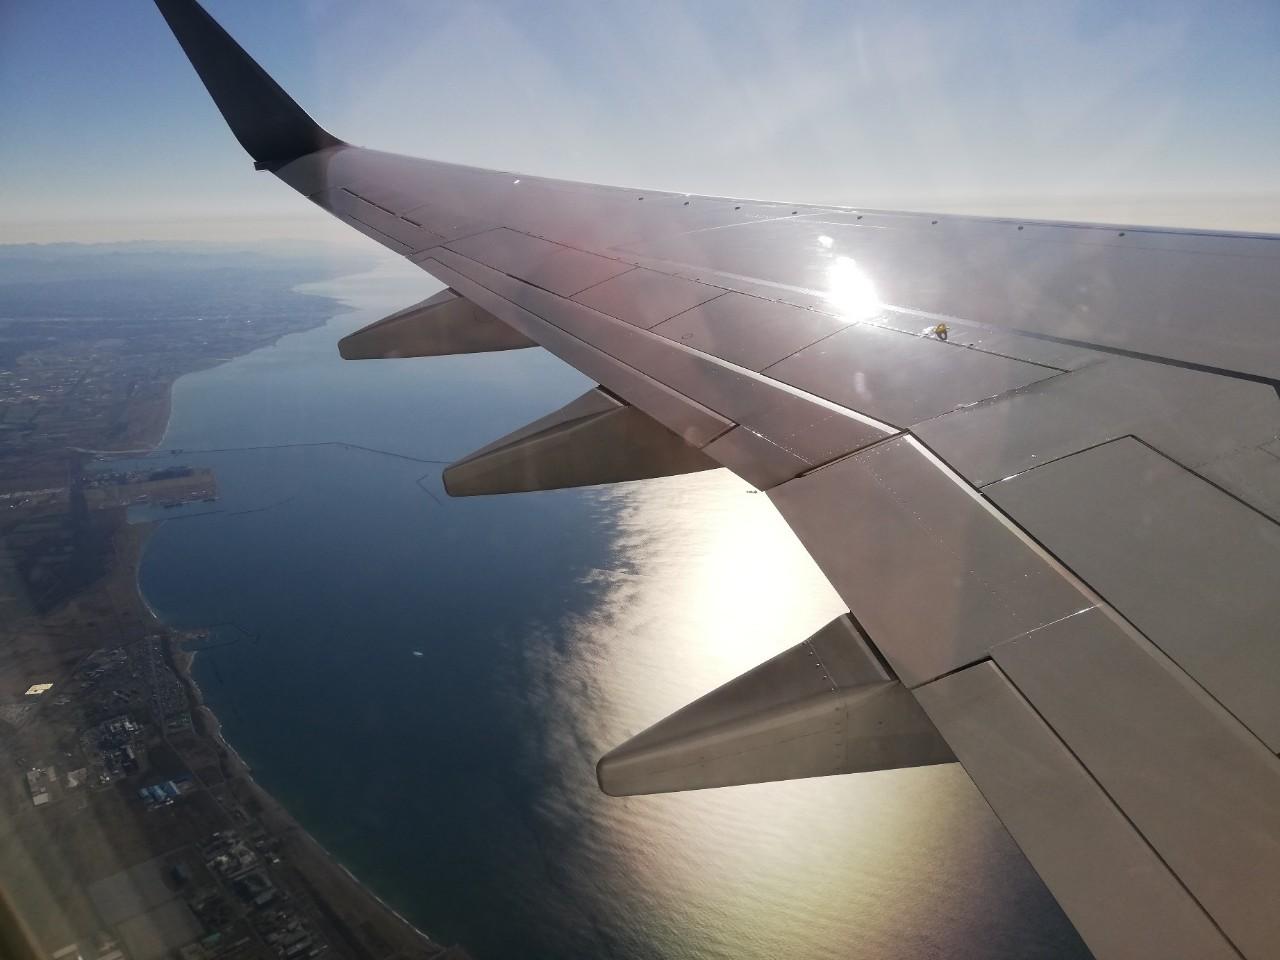 飛行機から眺める、美しい朝焼けの海岸線